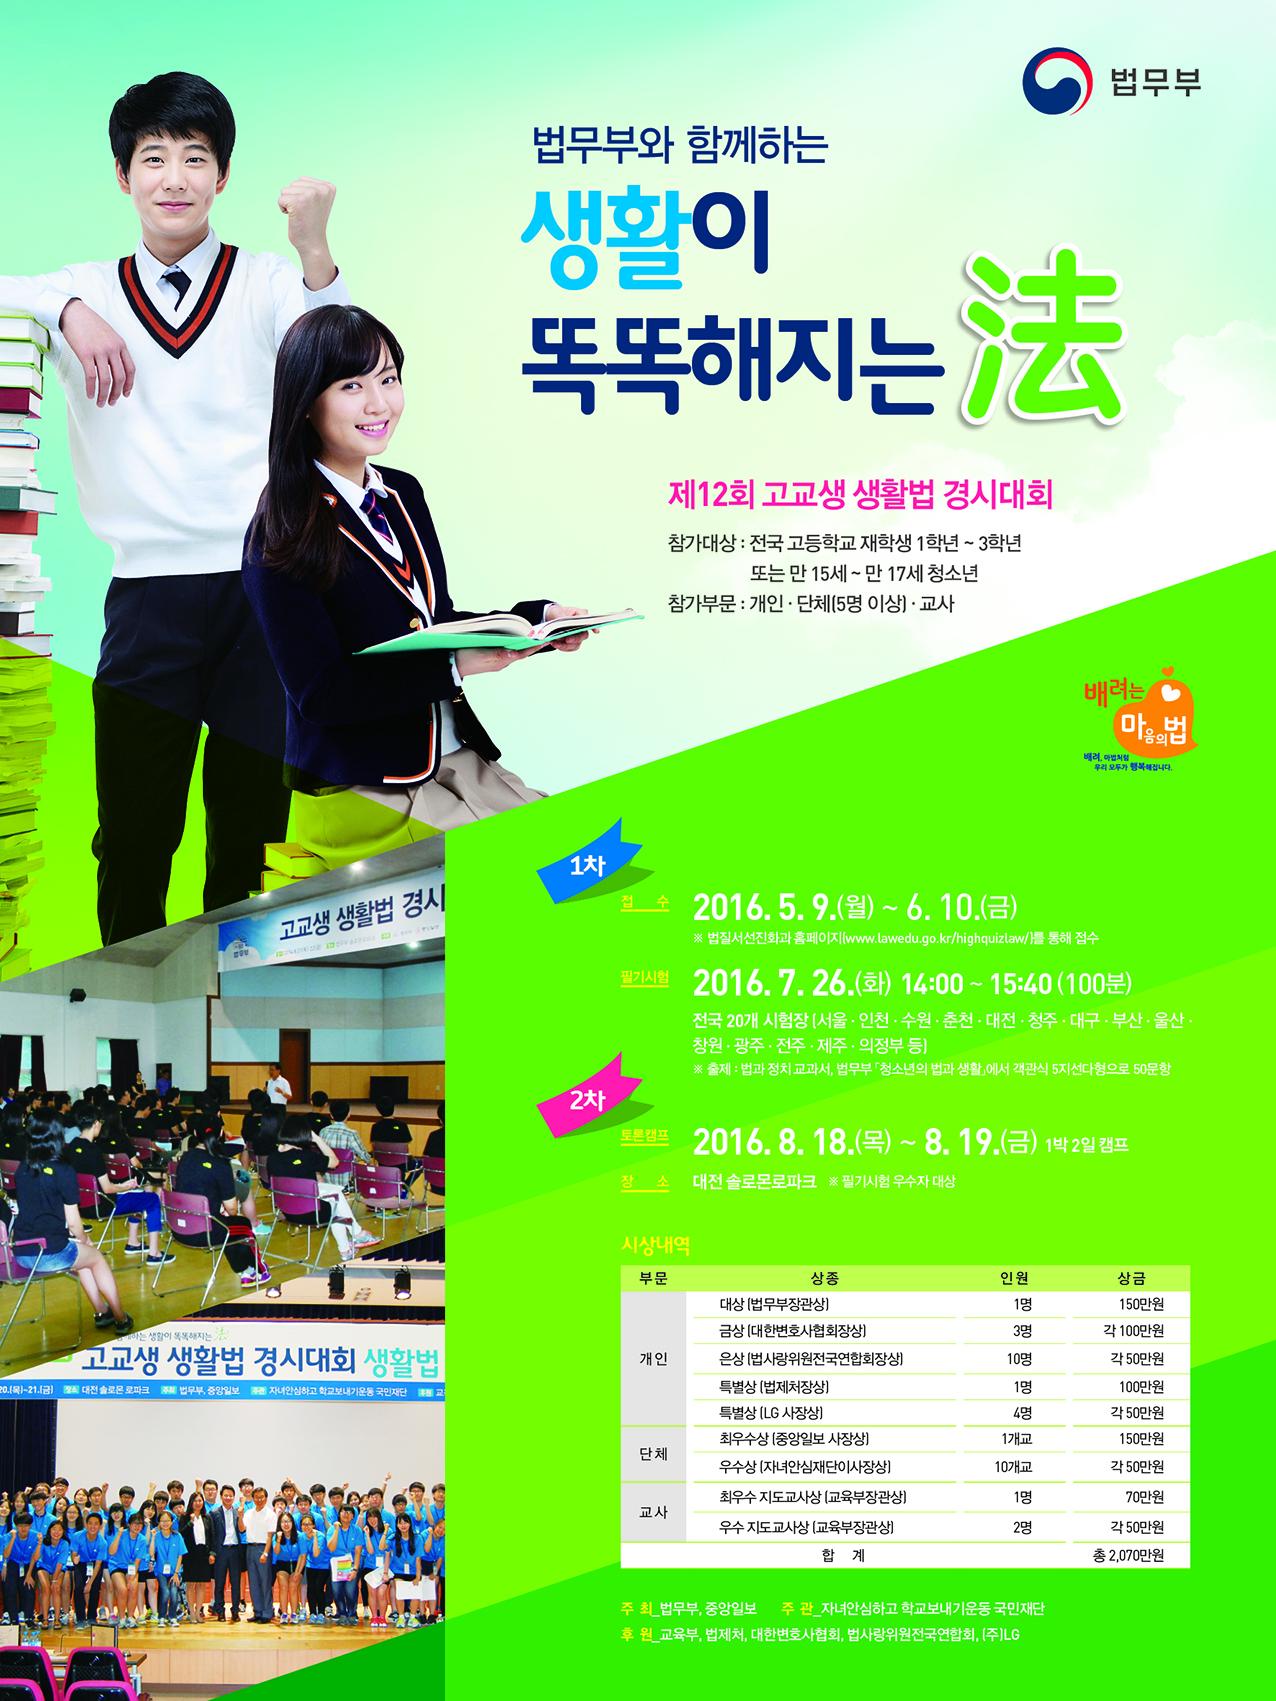 제12회 고교생 생활법 경시대회 포스터